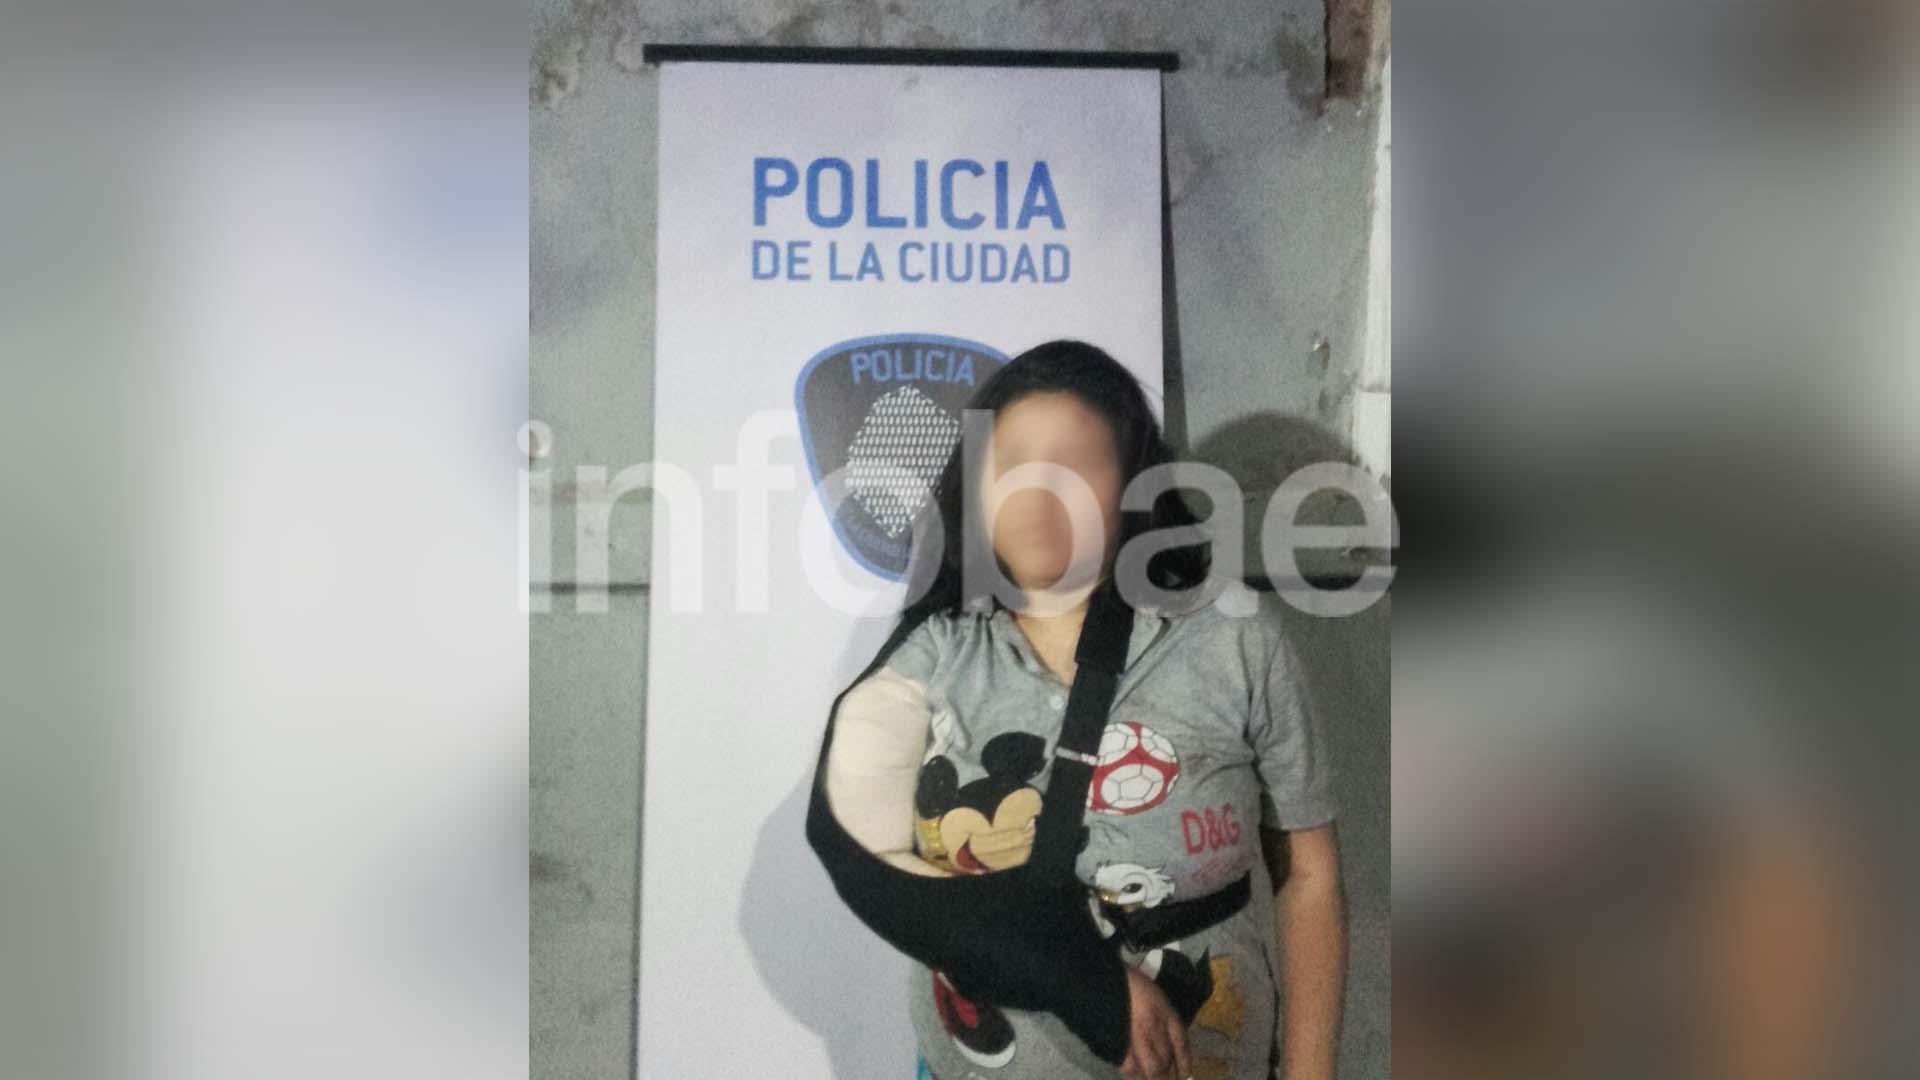 Una mujer de 28 años fue detenida durante el operativo